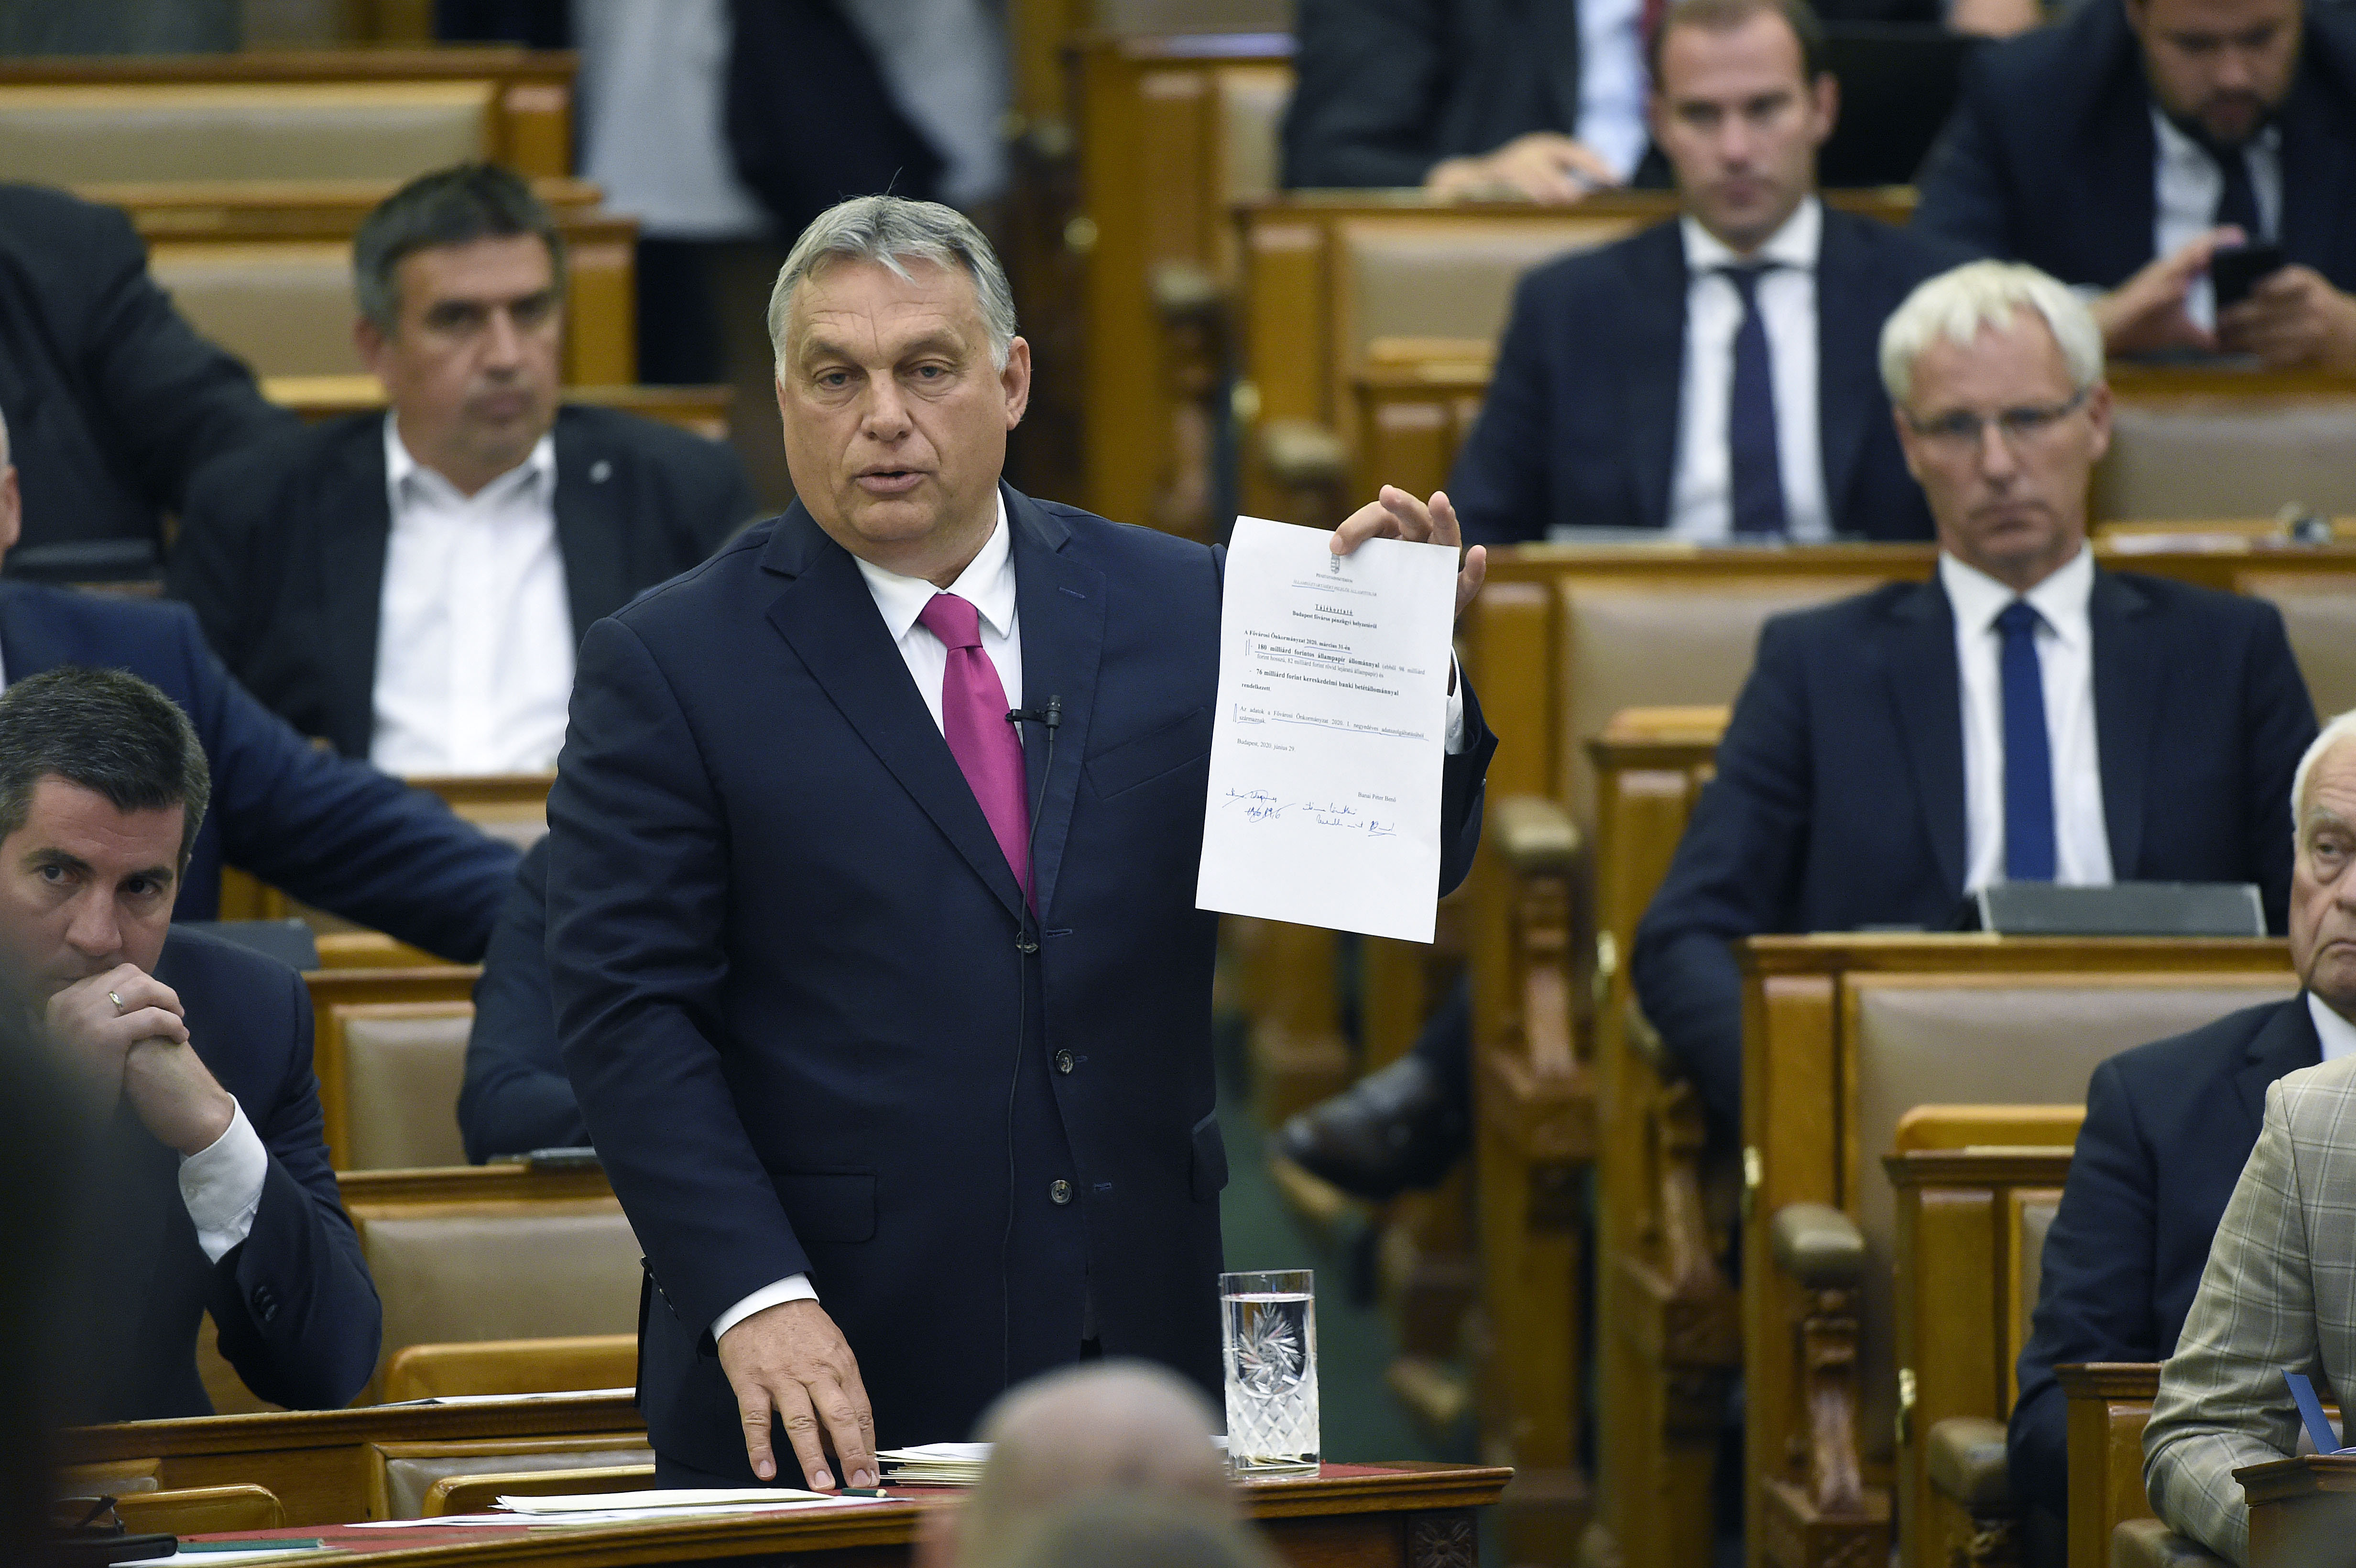 A kormány a parlament elé terjesztette az újabb felhatalmazási törvényt